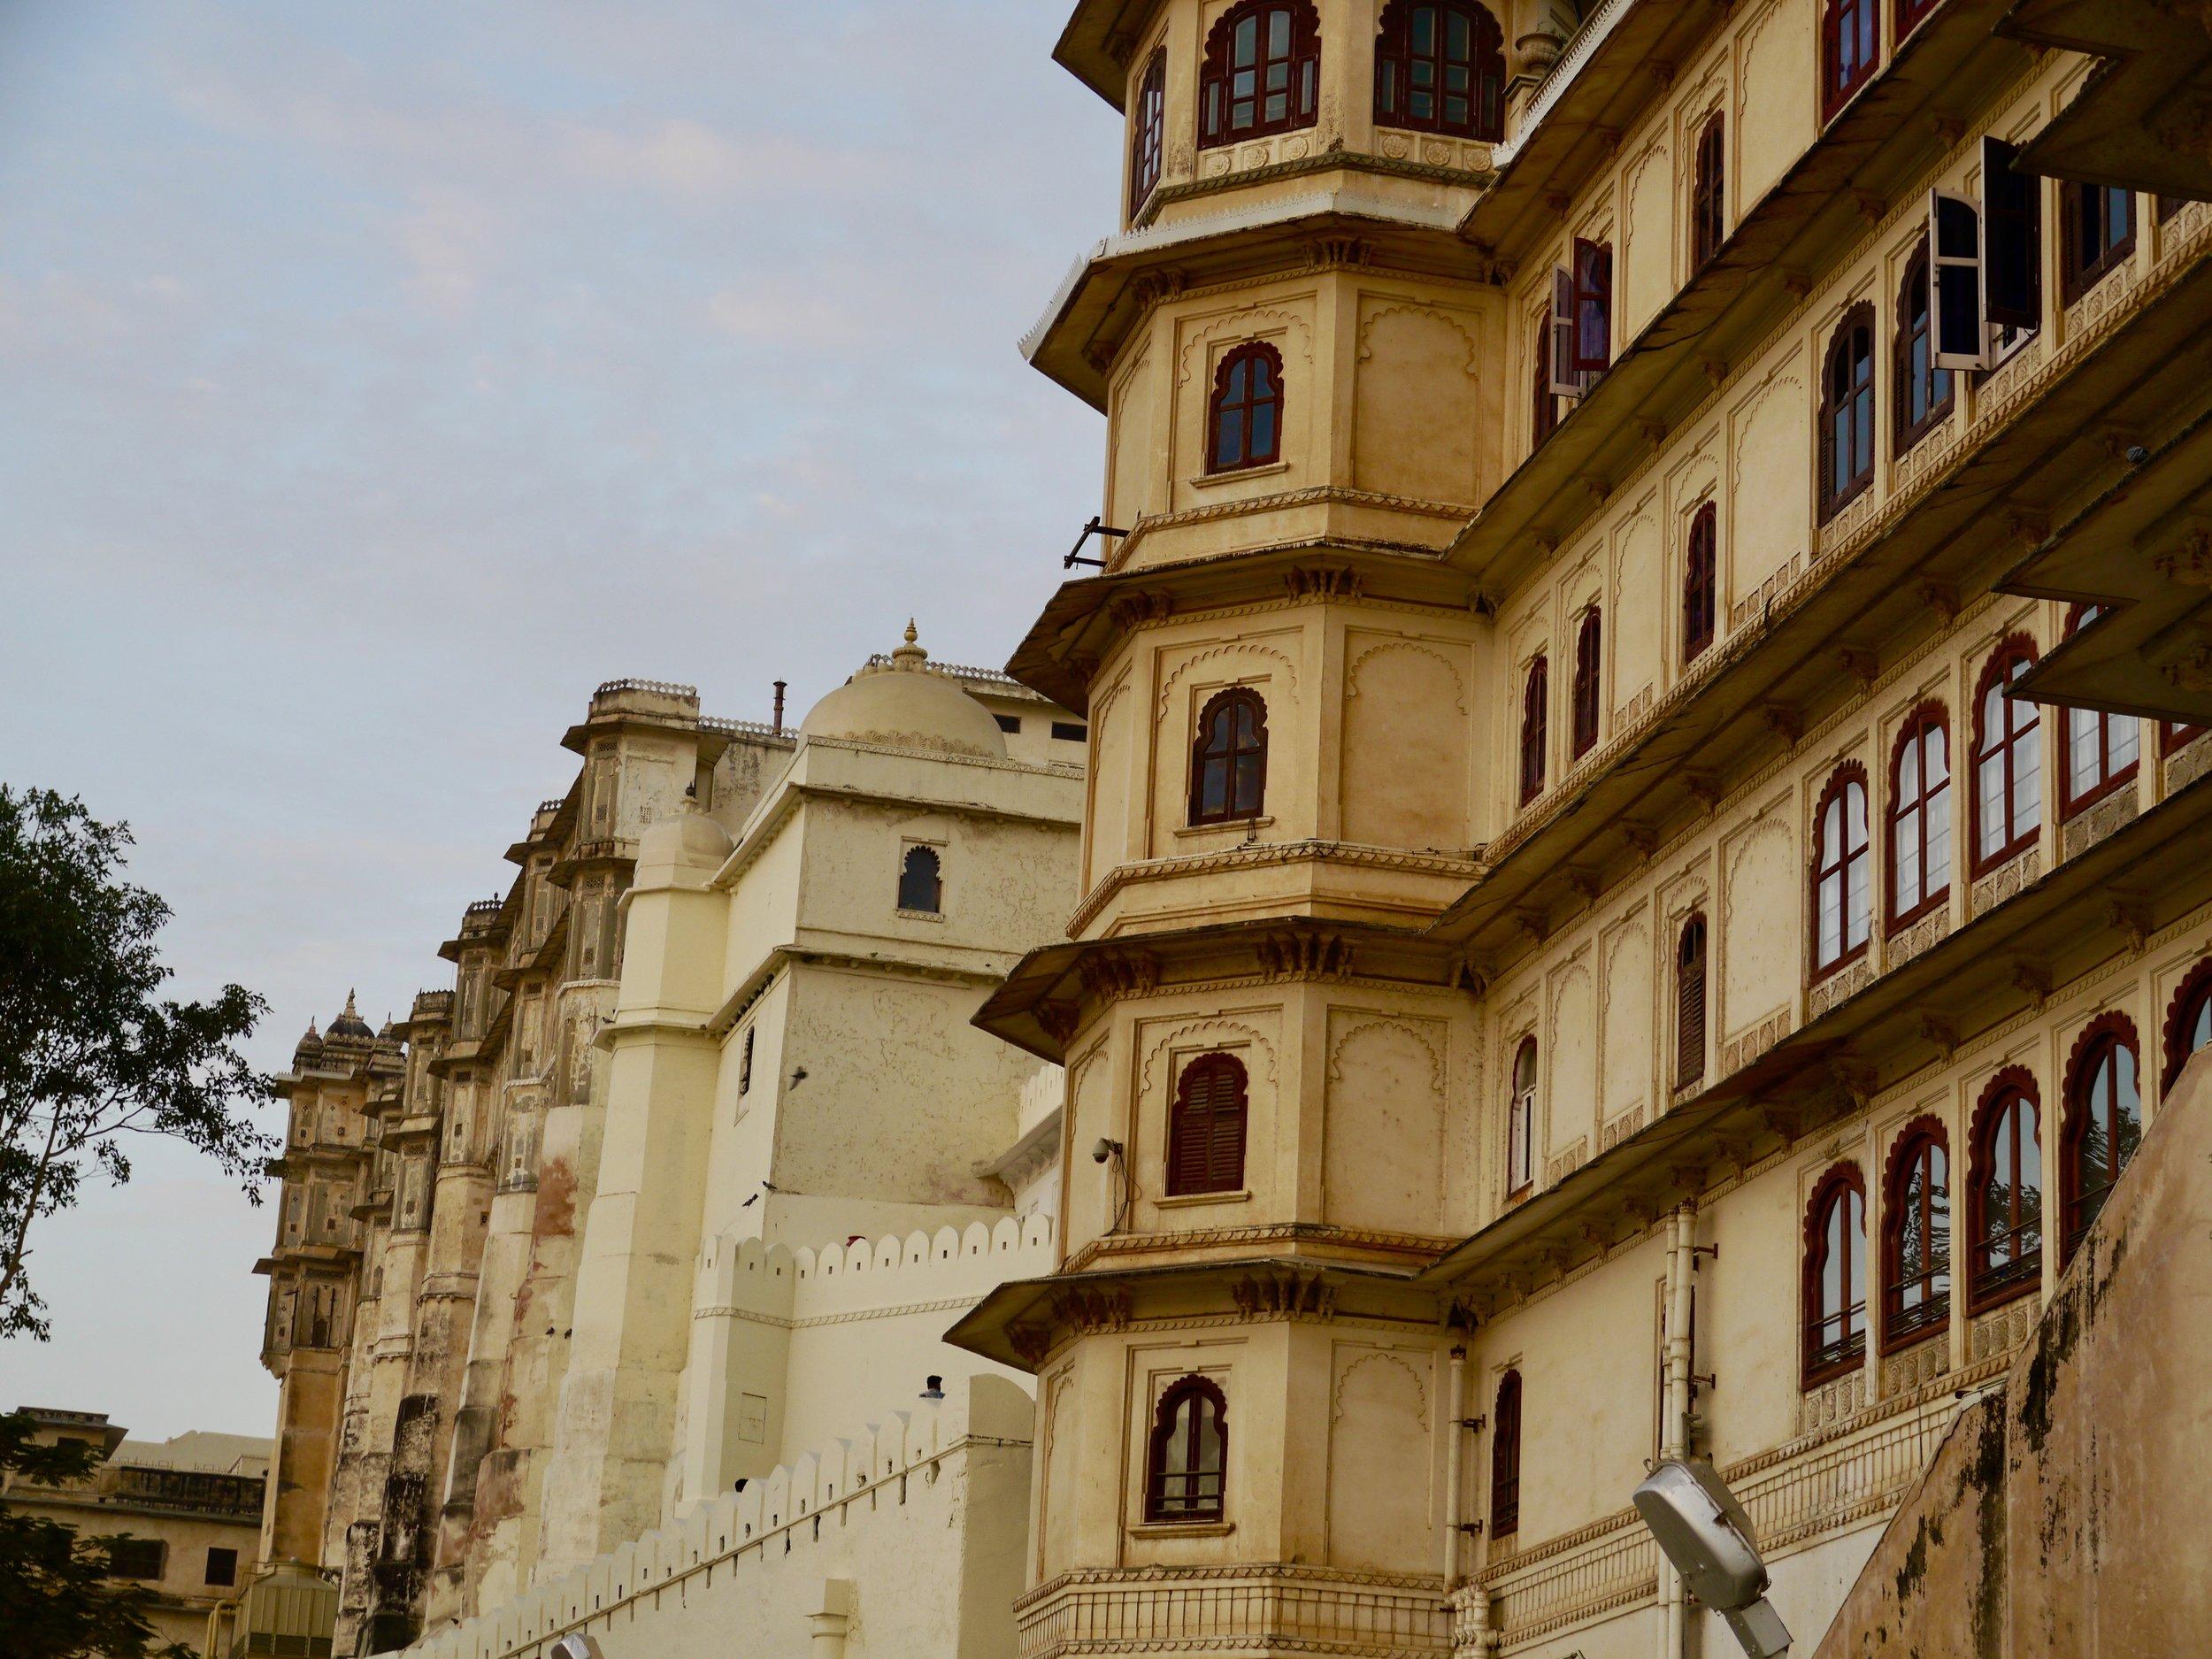 'City Palace', Udaipur